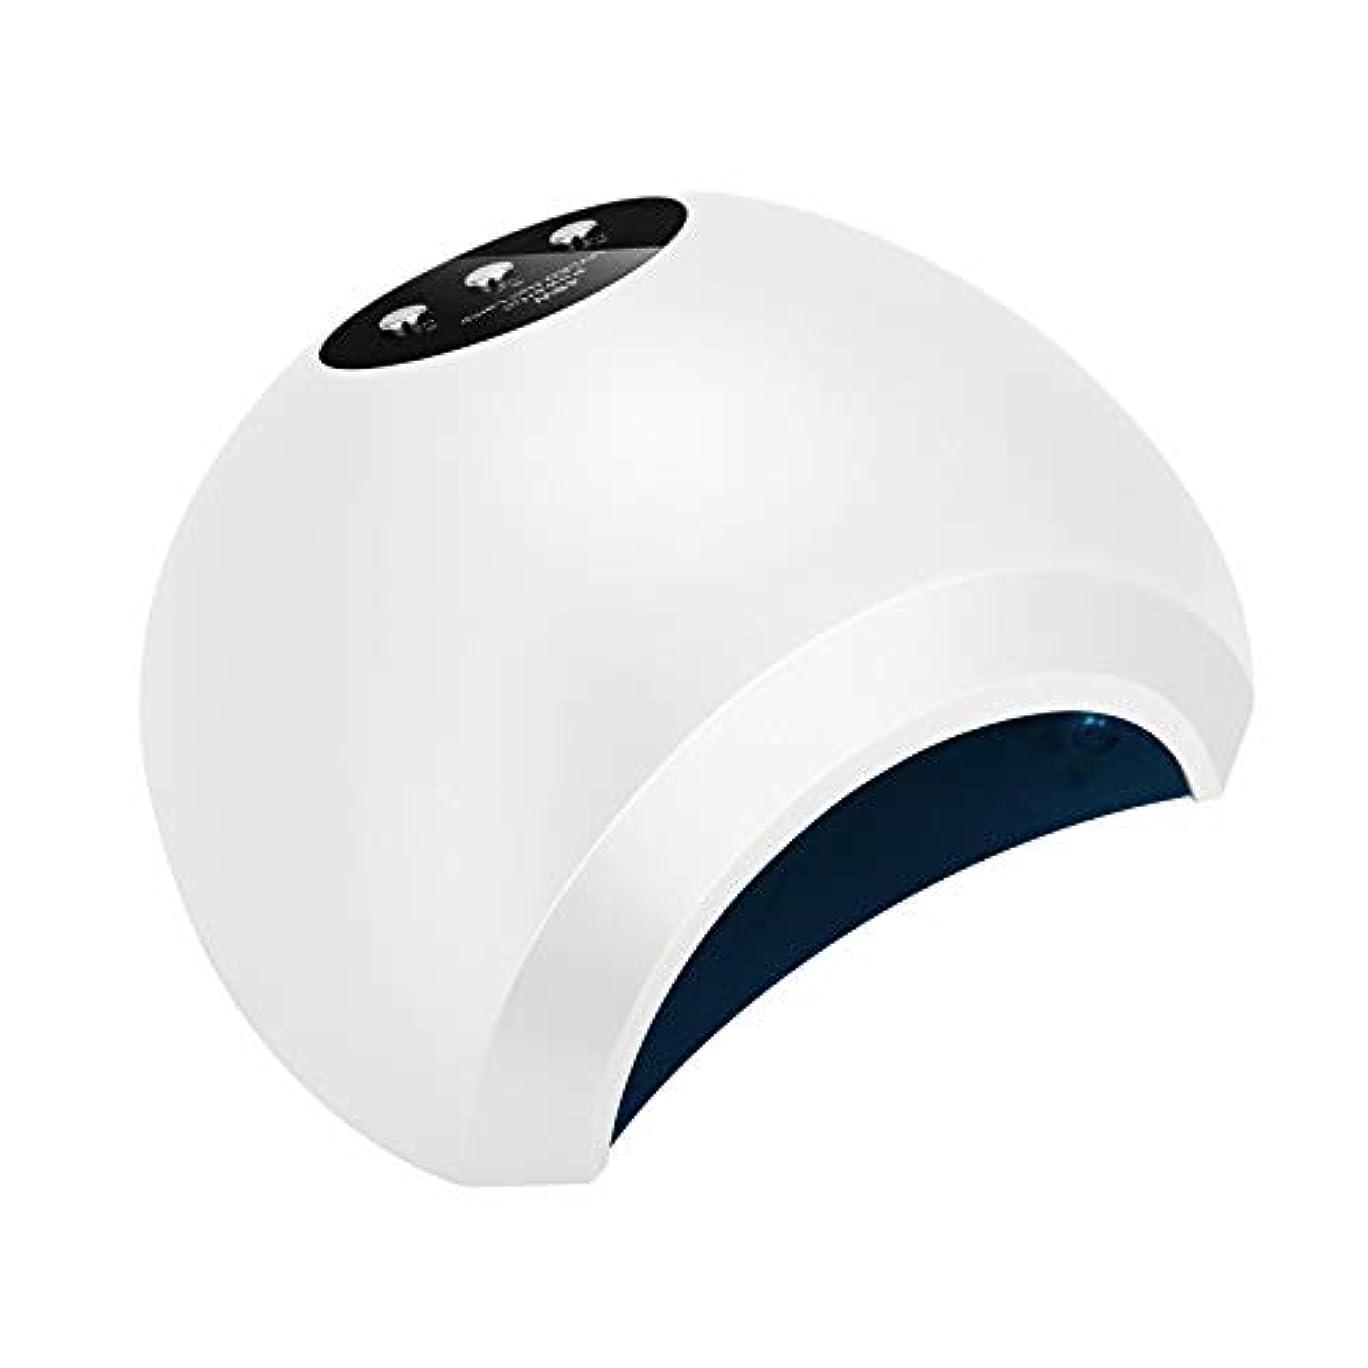 48ワットプロフェッショナルuv ledジェルネイルランプポリッシュ乾燥ドライヤーライトスマート自動センシングで3タイマー設定,White